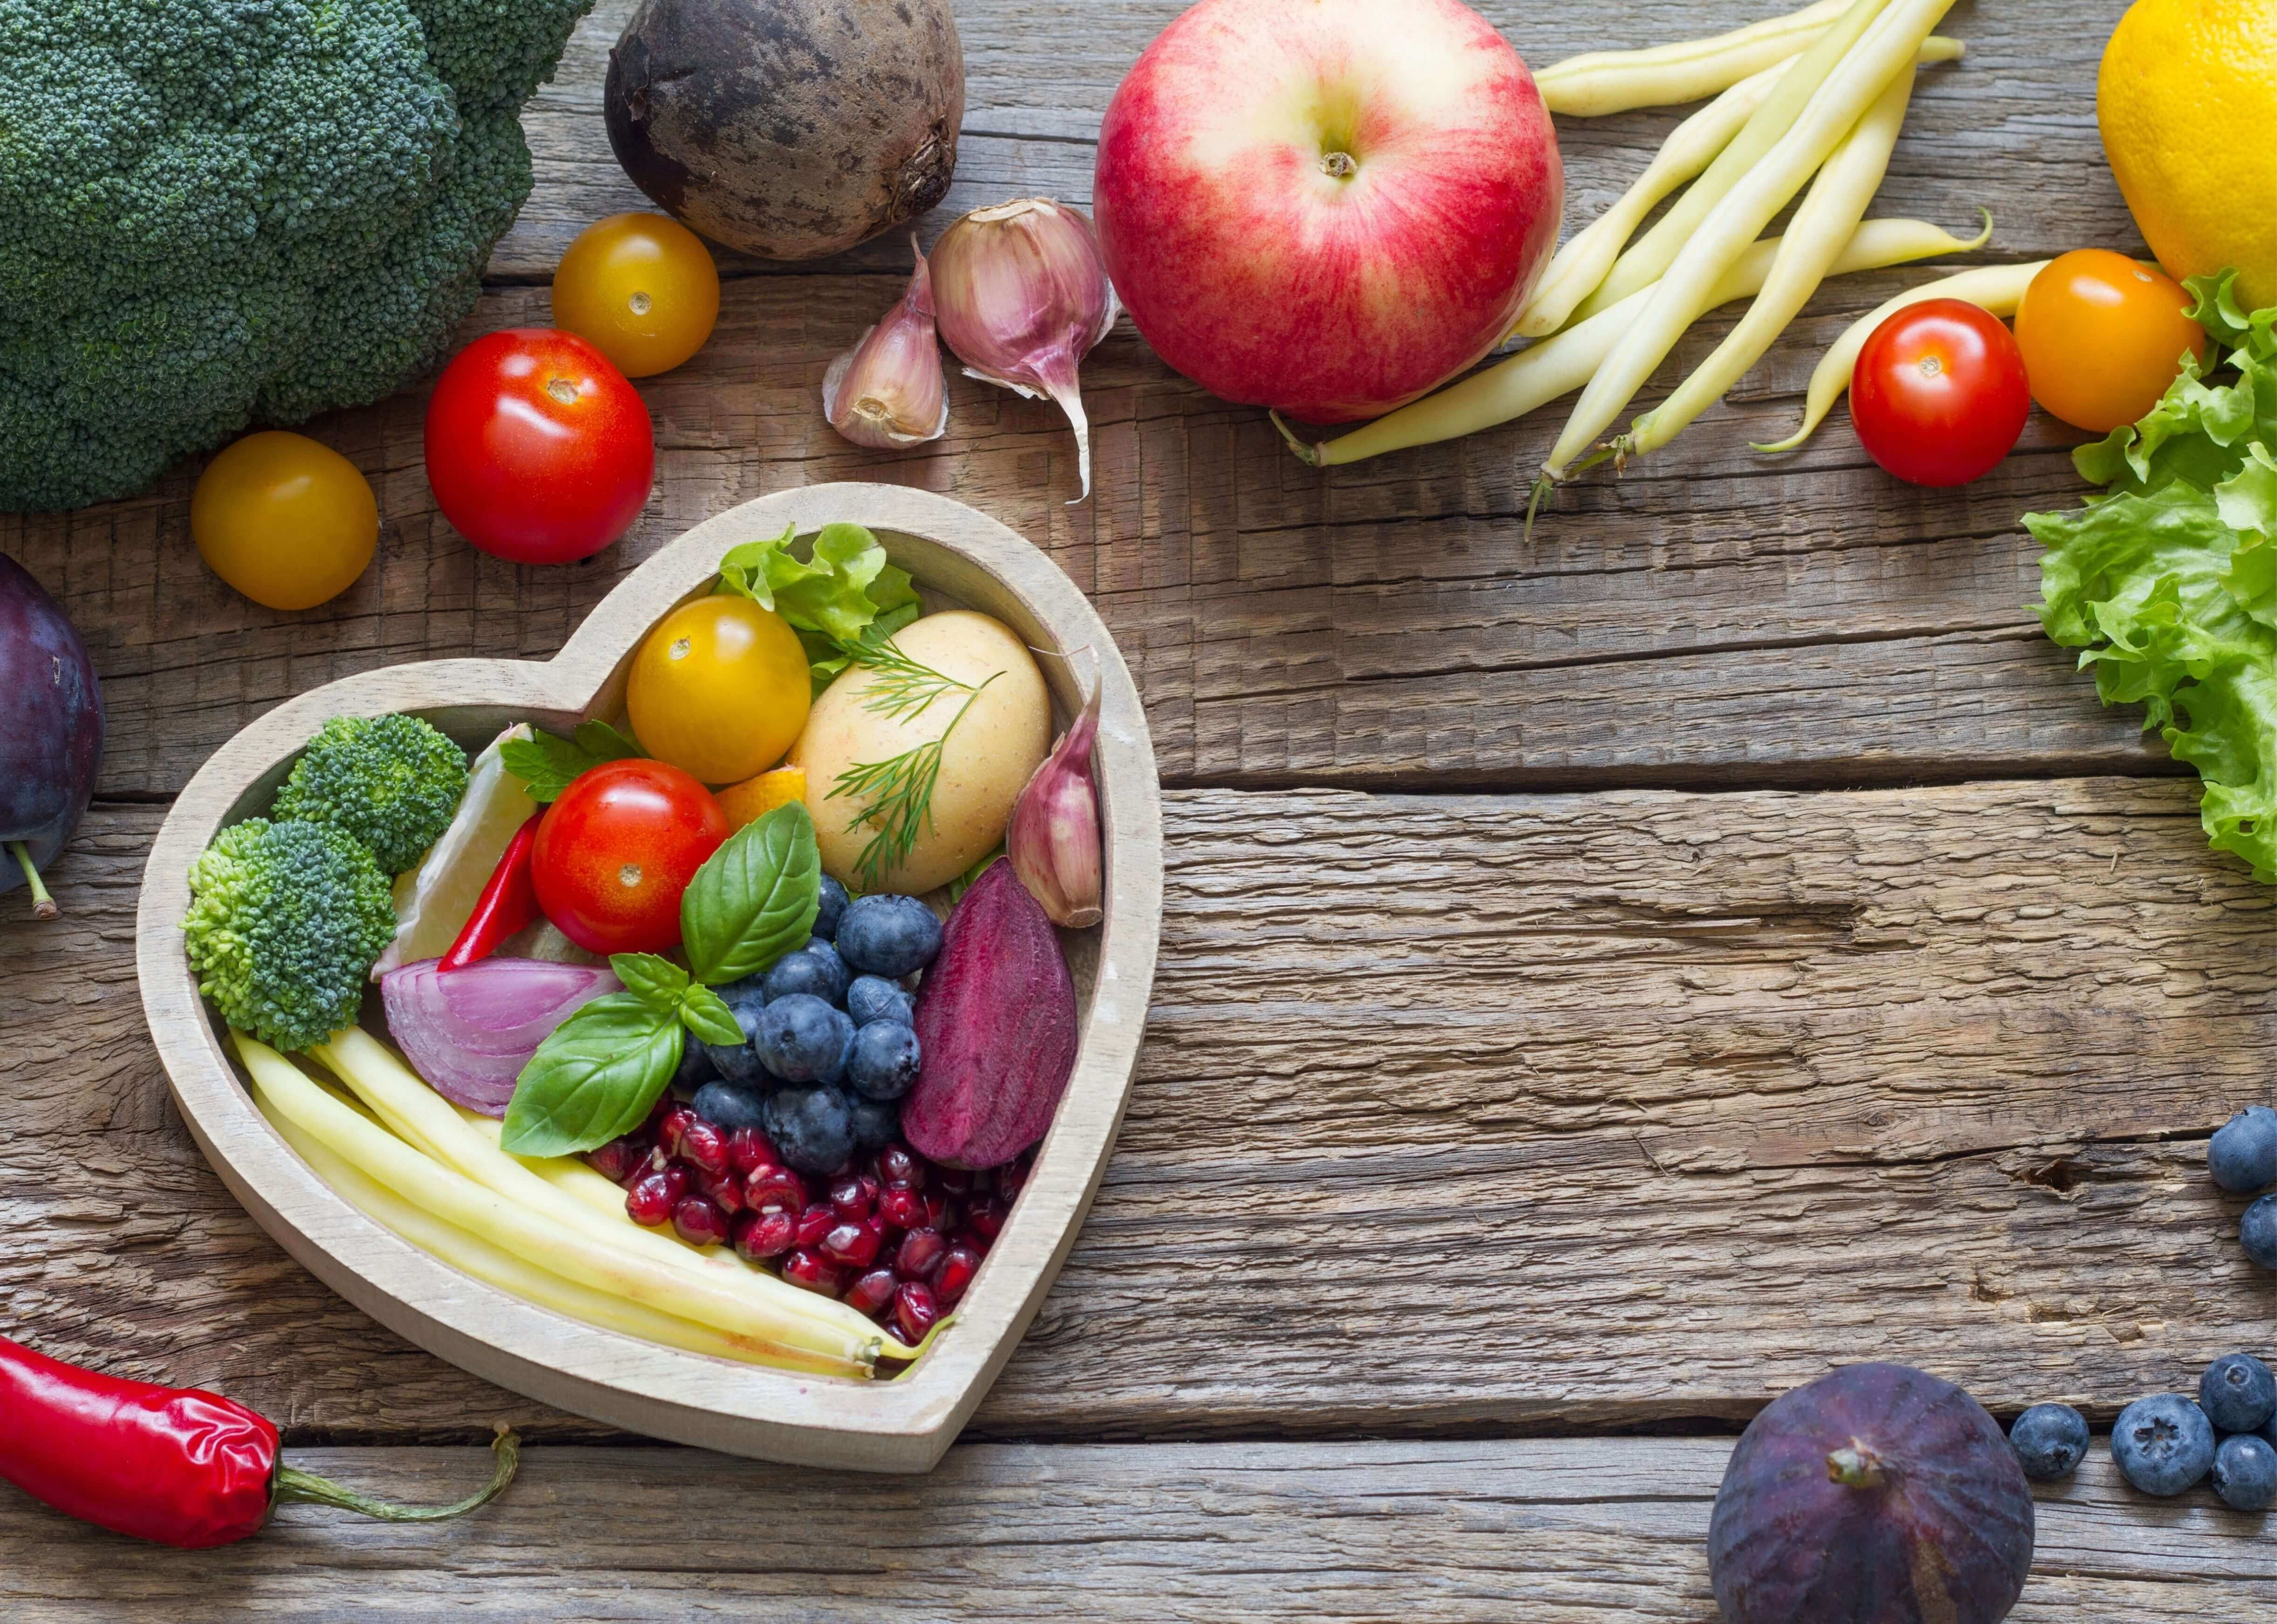 Διατροφή για διαβήτη: Τι πρέπει να προσέξουμε